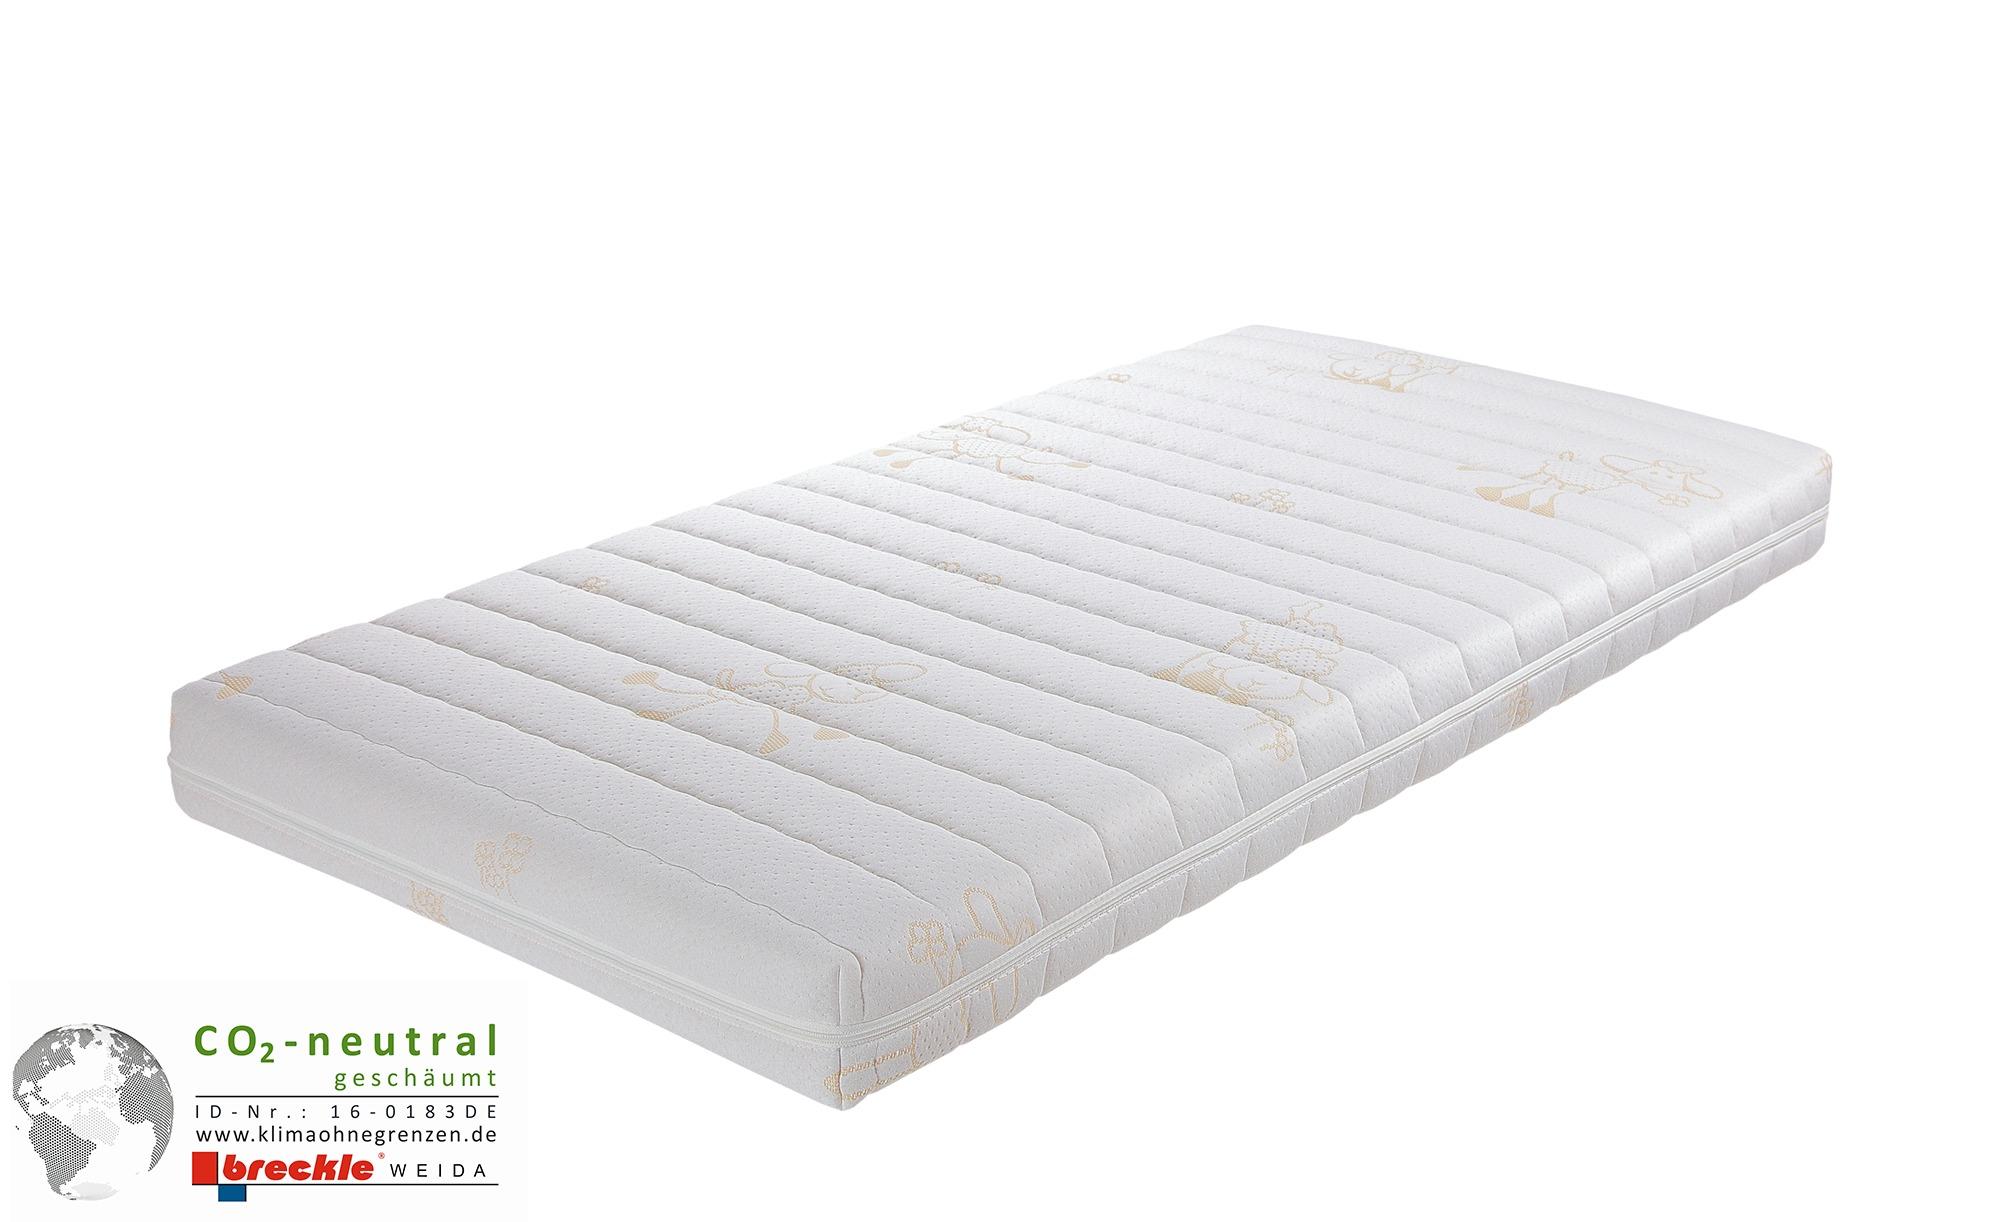 Kindermatratze  LLQ Clean Kiddy - weiß - 70 cm - 12 cm - 140 cm - Sconto | Kinderzimmer > Textilien für Kinder > Kinderbettwäsche | Sconto